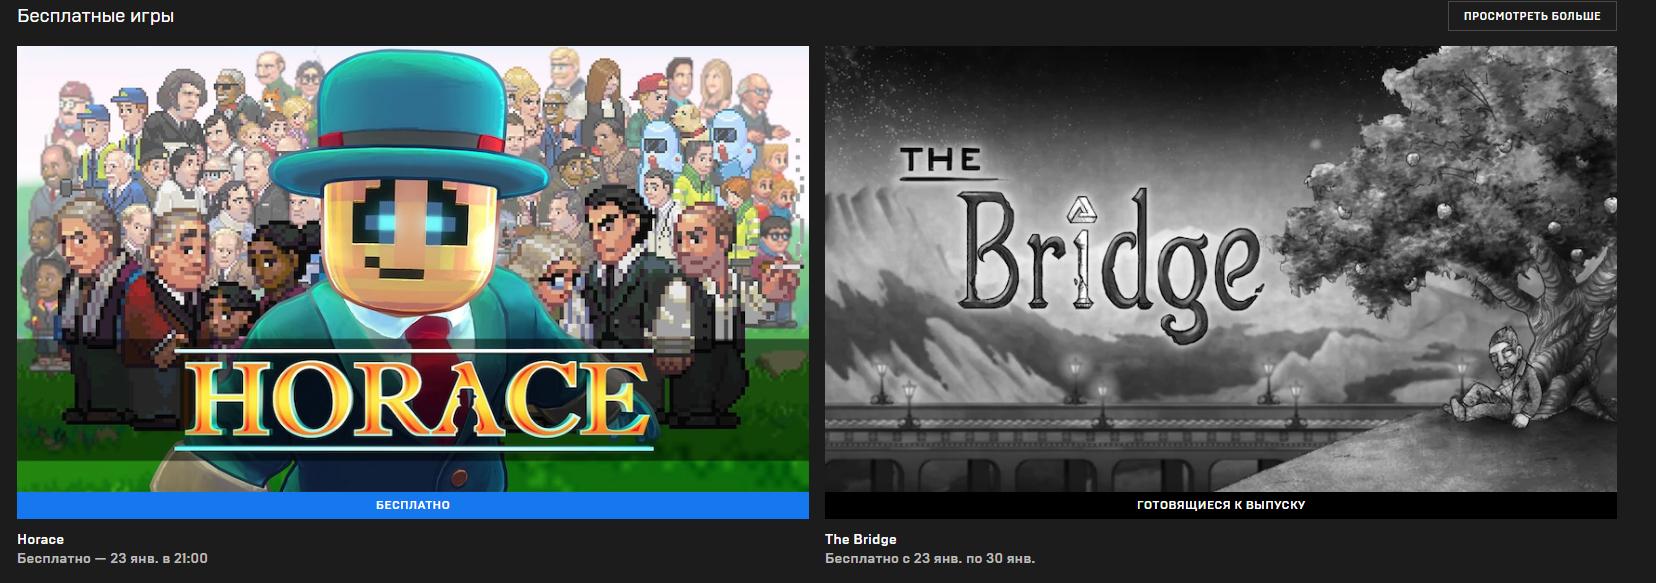 В Epic Games Store началась бесплатная раздача платформера Horace